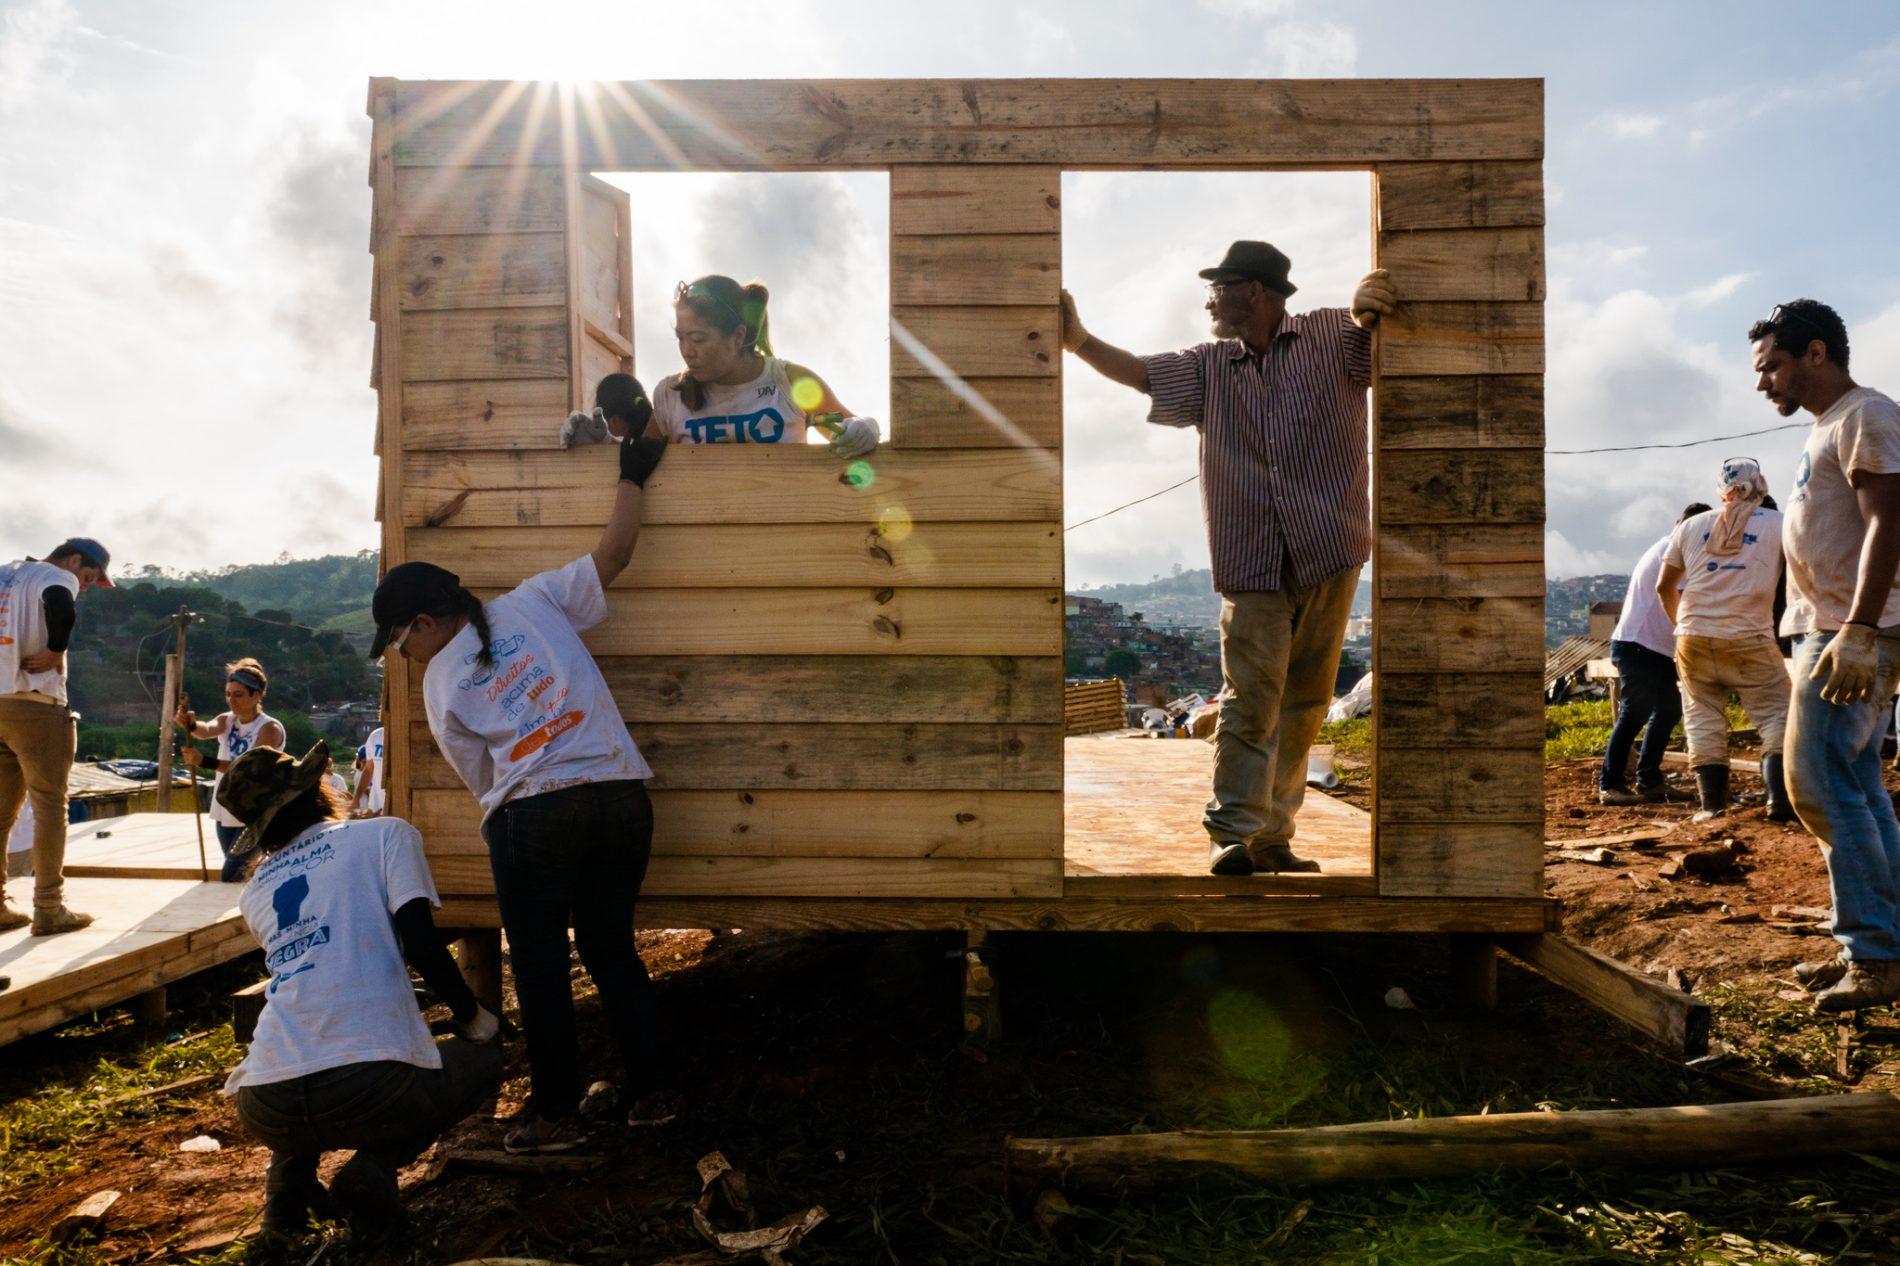 ONG TETO. Foto de divulgação